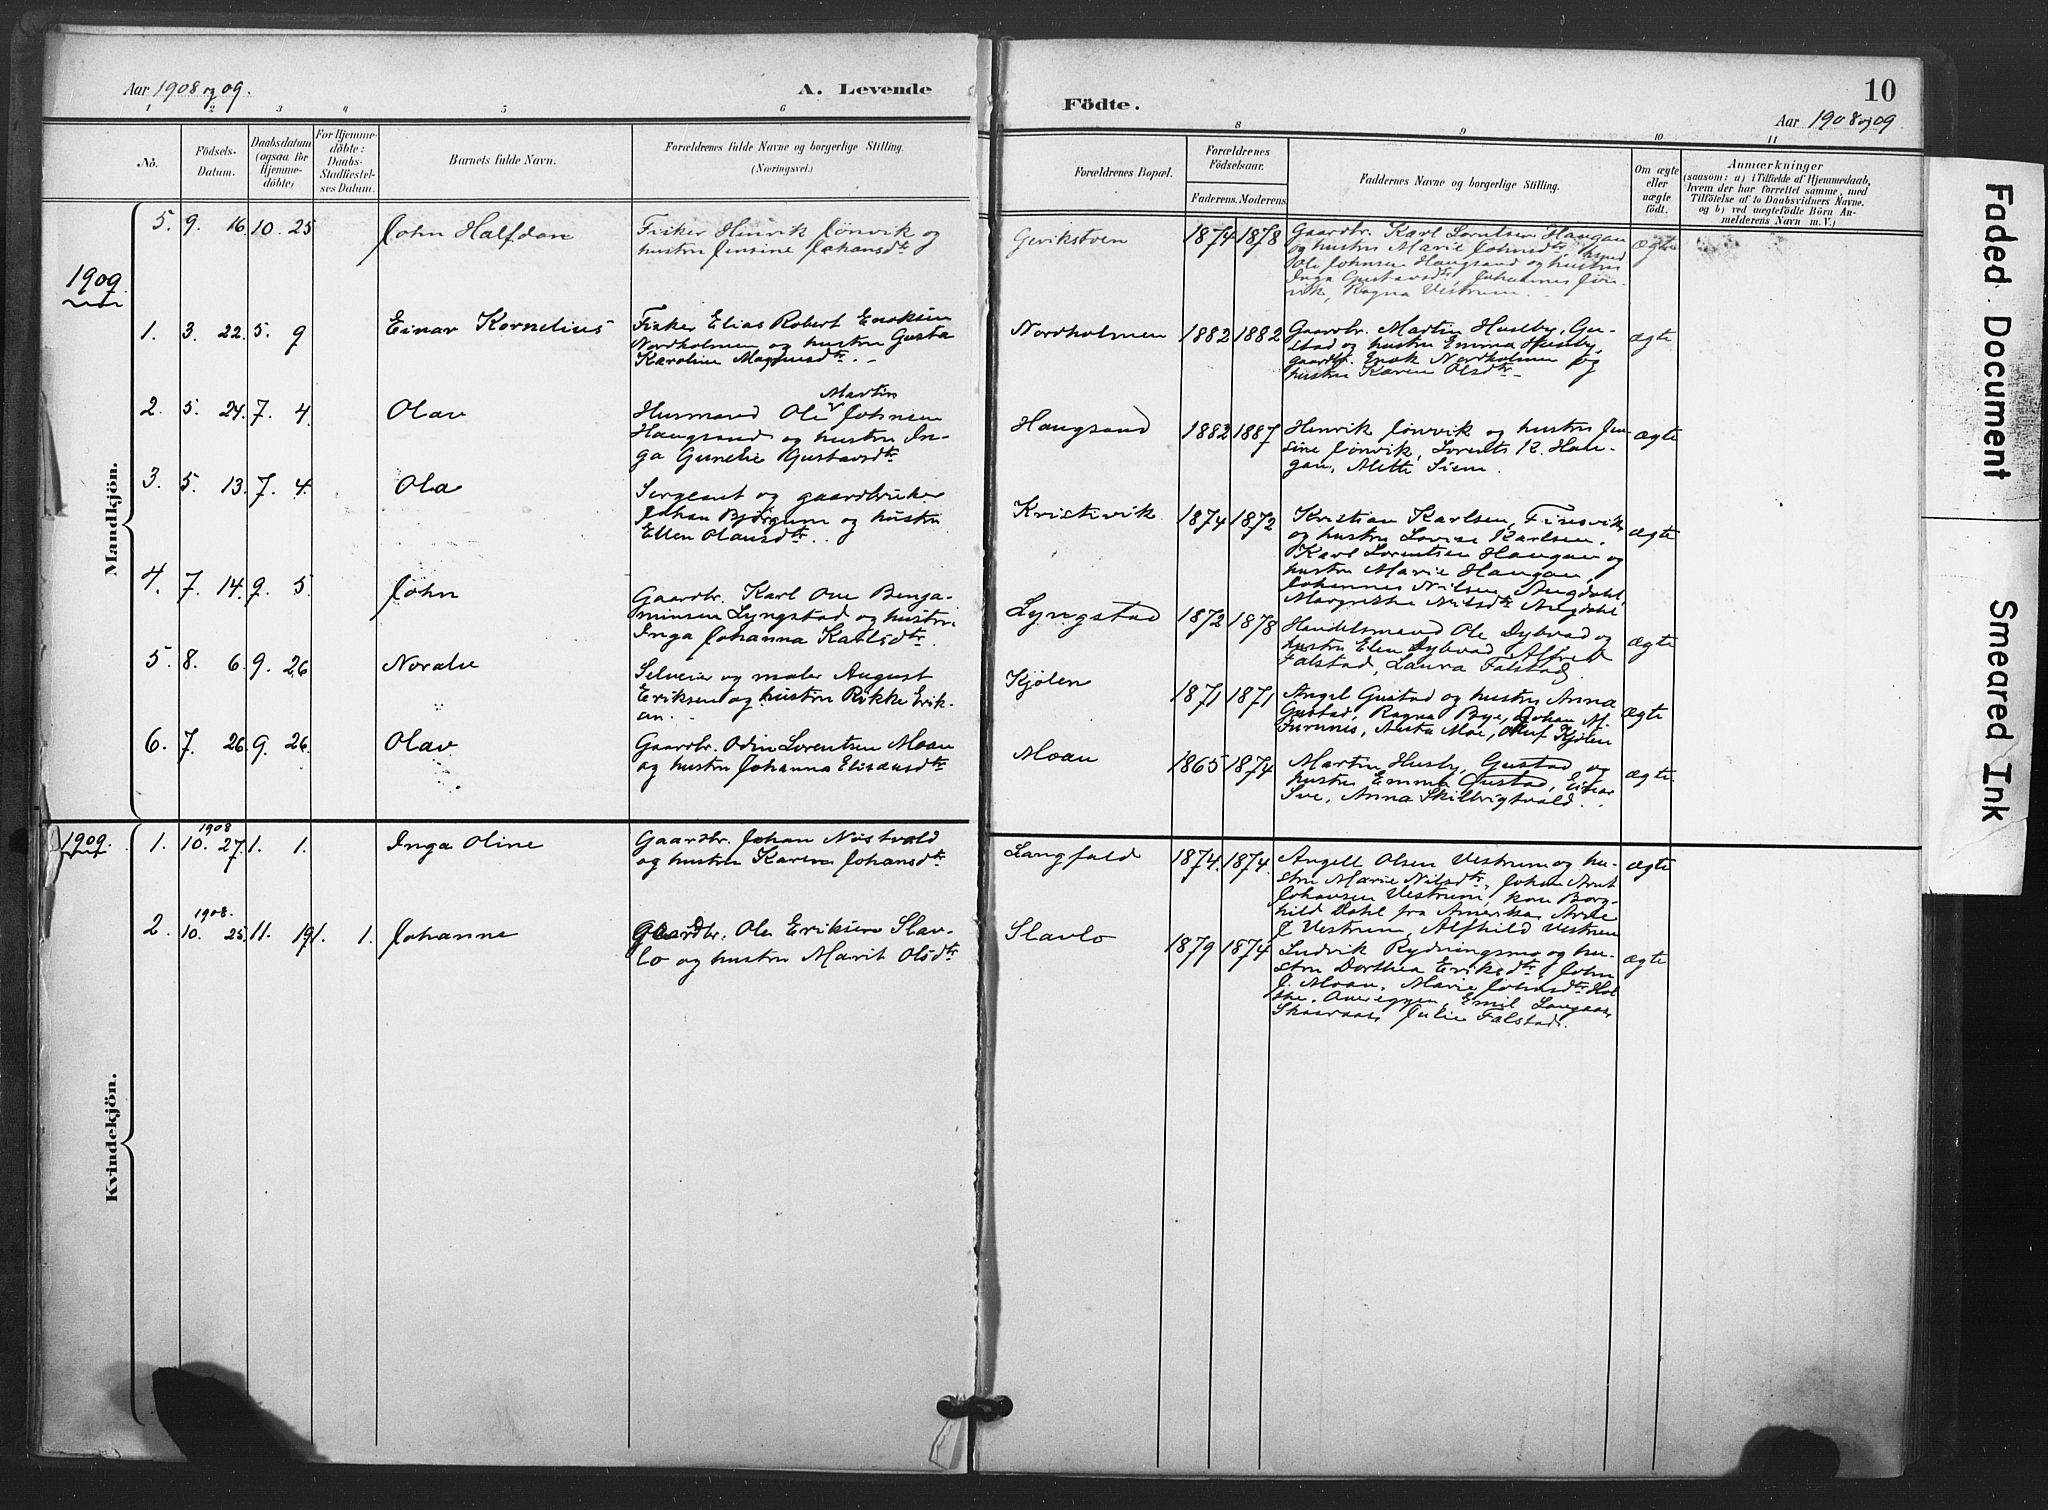 SAT, Ministerialprotokoller, klokkerbøker og fødselsregistre - Nord-Trøndelag, 719/L0179: Ministerialbok nr. 719A02, 1901-1923, s. 10